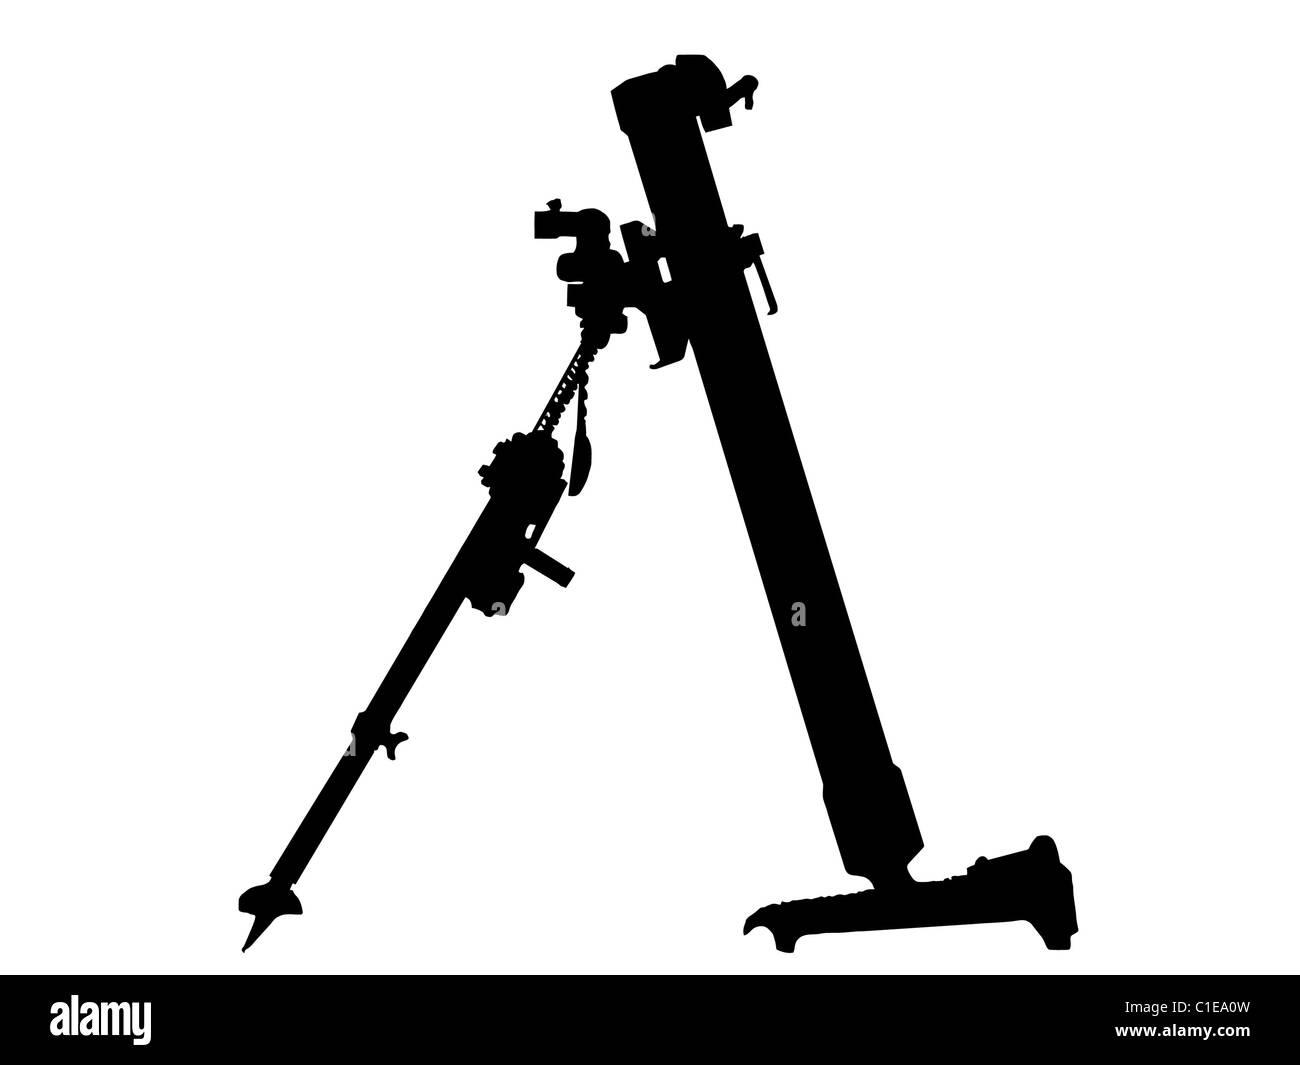 WW2 Series - German 8cm Schwere Granatwerpfer 34 mortar launcher - Stock Image